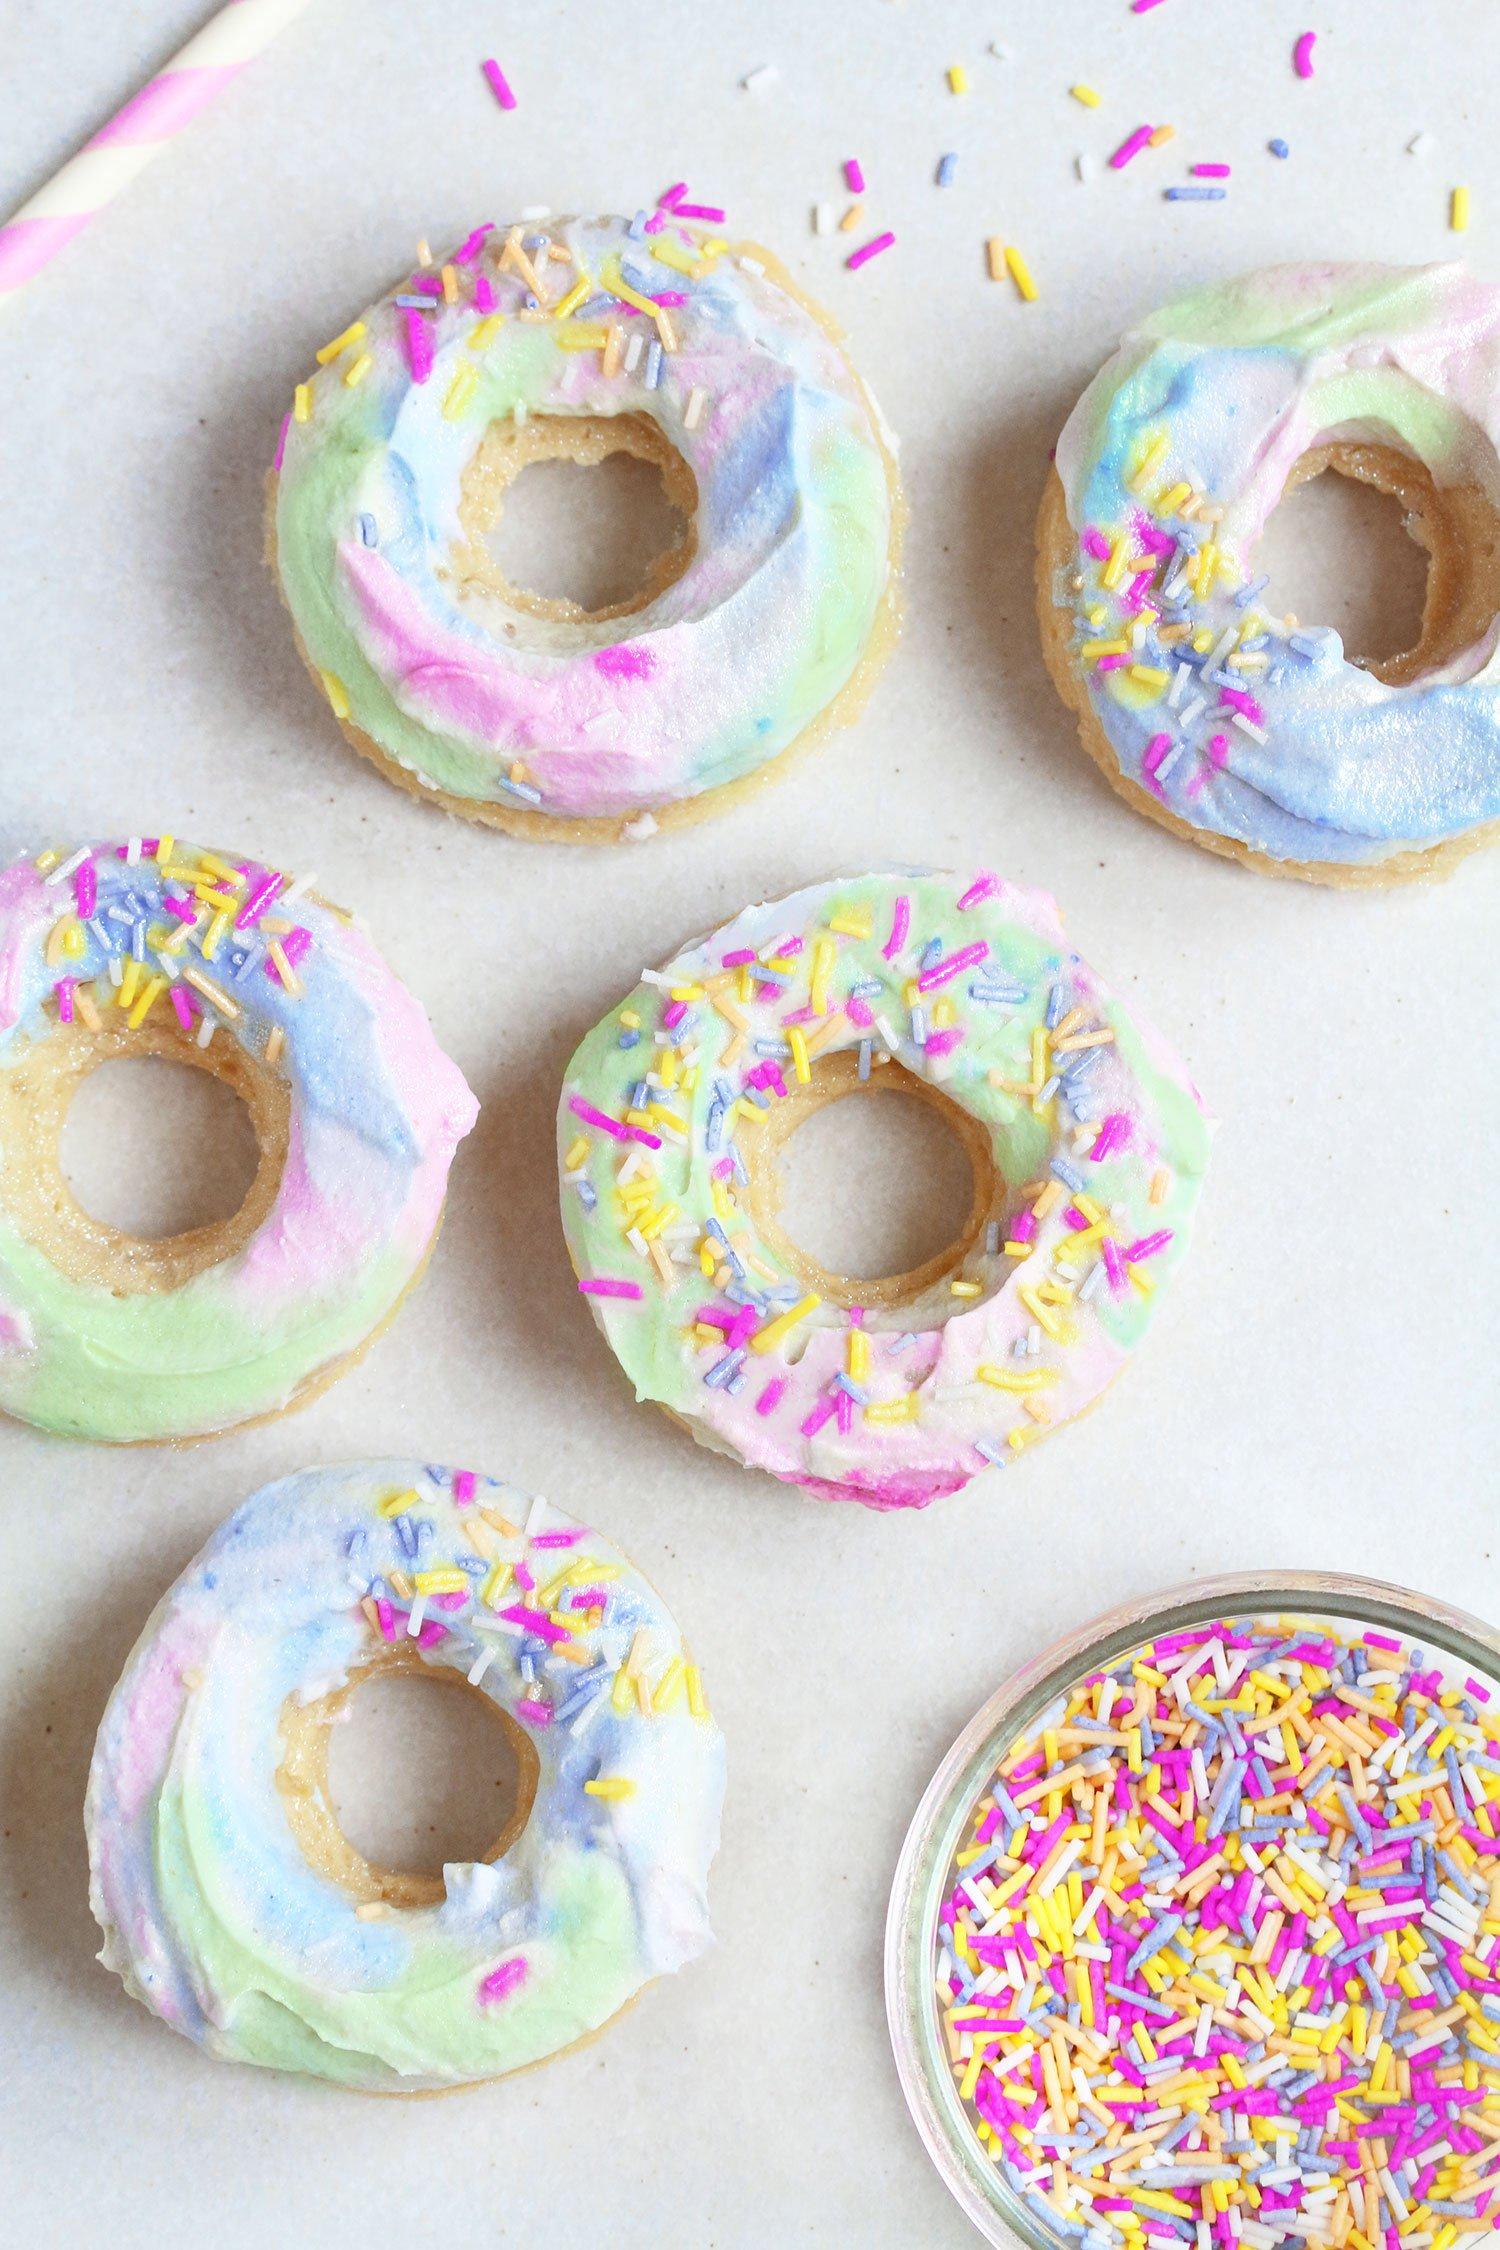 Vegan gluten free unicron doughnuts